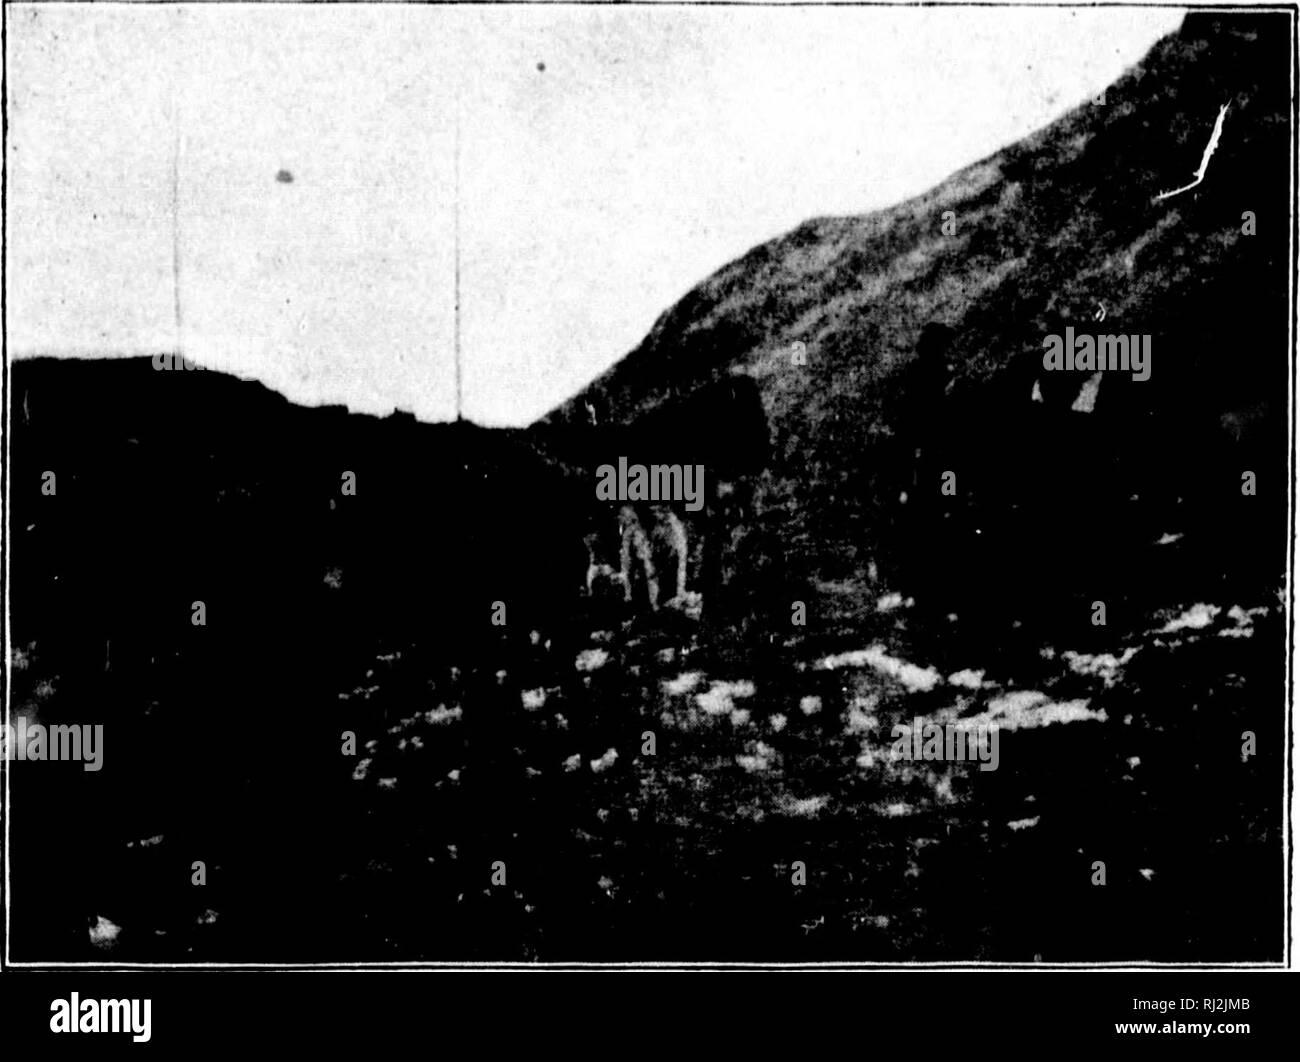 """. Hacia el norte a lo largo de los """"grandes"""" de hielo [microforma] : una narrativa de vida y de trabajo a lo largo de la costa y en el interior de la capa de hielo en el norte de Groenlandia en los años 1886 y 1891-1897 : con una descripción de la pequeña tribu de Smith-Sound esquimales, la más septentrional de seres humanos en el mundo, y una cuenta del descubrimiento y traer a casa de la """" gran Cape-York Saviksue"""" o meteoritos. Expediciones Científicas;-Expeditions scientifiques. 2S8 hacia el norte a lo largo de los """"grandes"""" de hielo encontrado cachi.'s, y witlioiit liavin^i^ llegado más lejos que la primera alcoliol* o caché. T Foto de stock"""